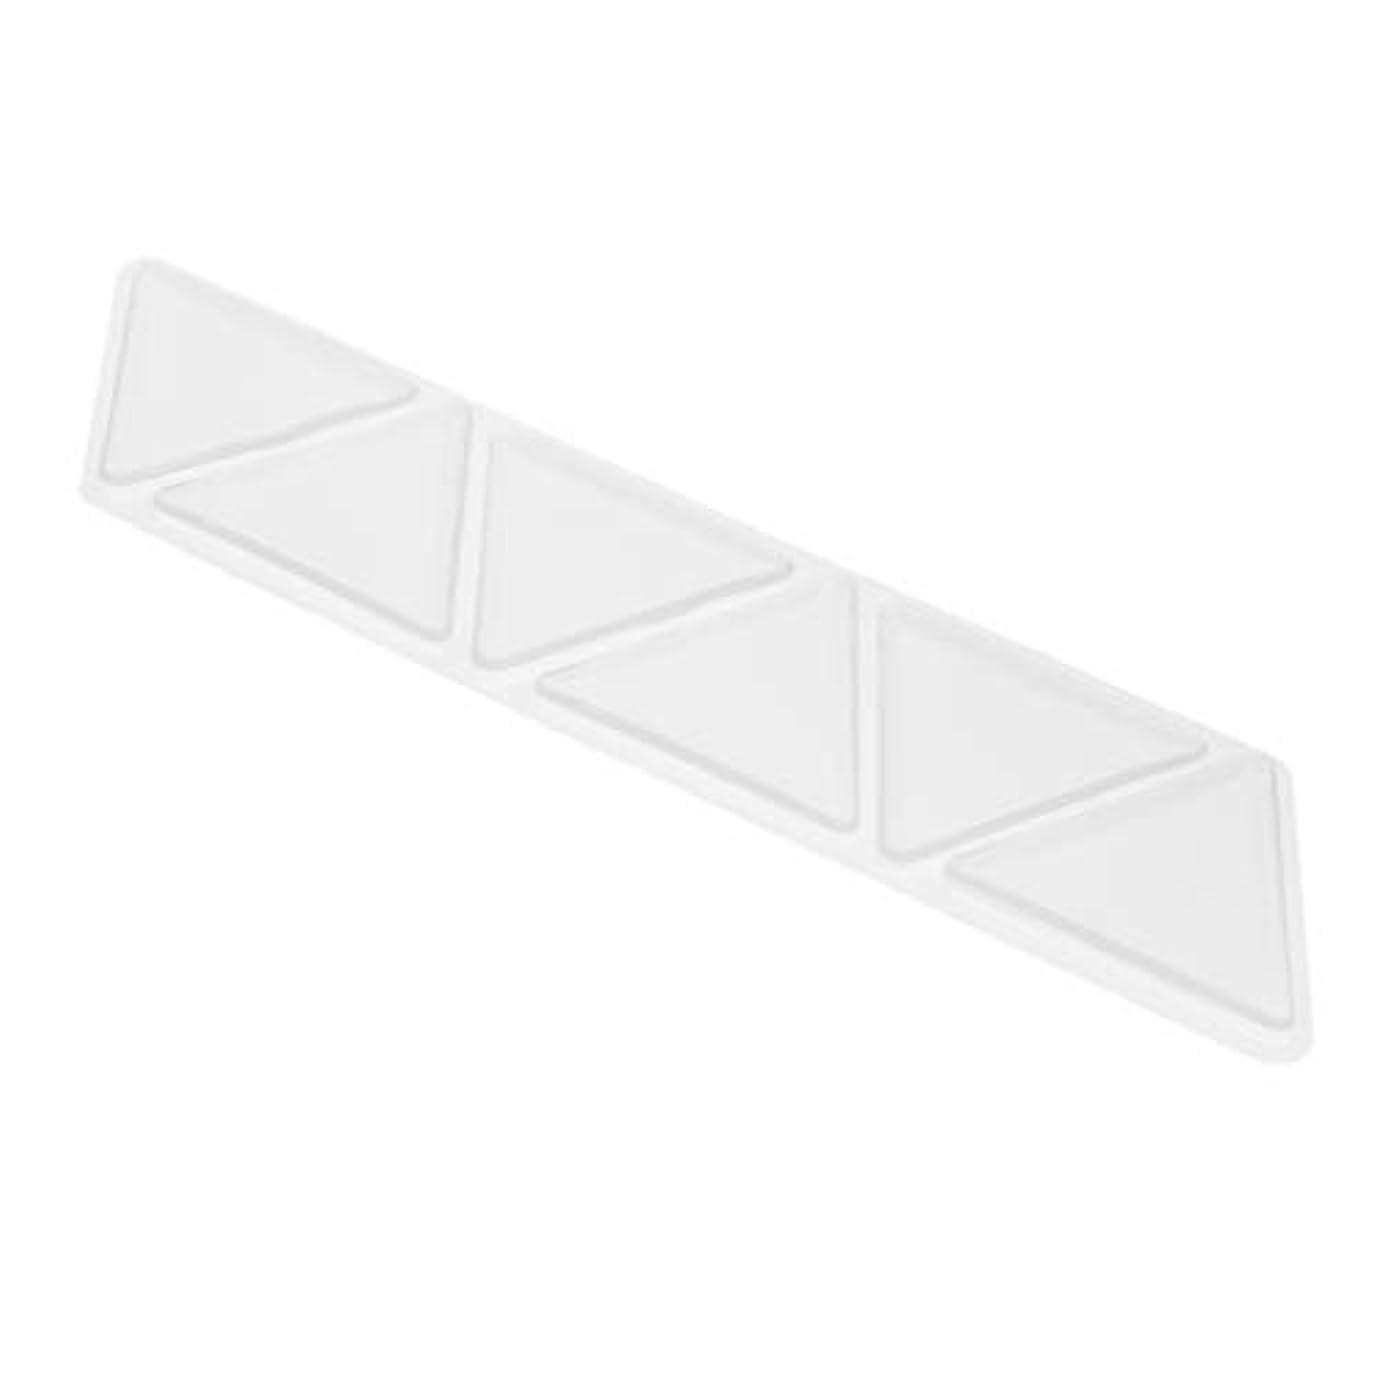 滑りやすい雰囲気フィラデルフィアD DOLITY シリコーン アンチリンクル 額 パッド パッチスキンケア 三角パッド 6個セット